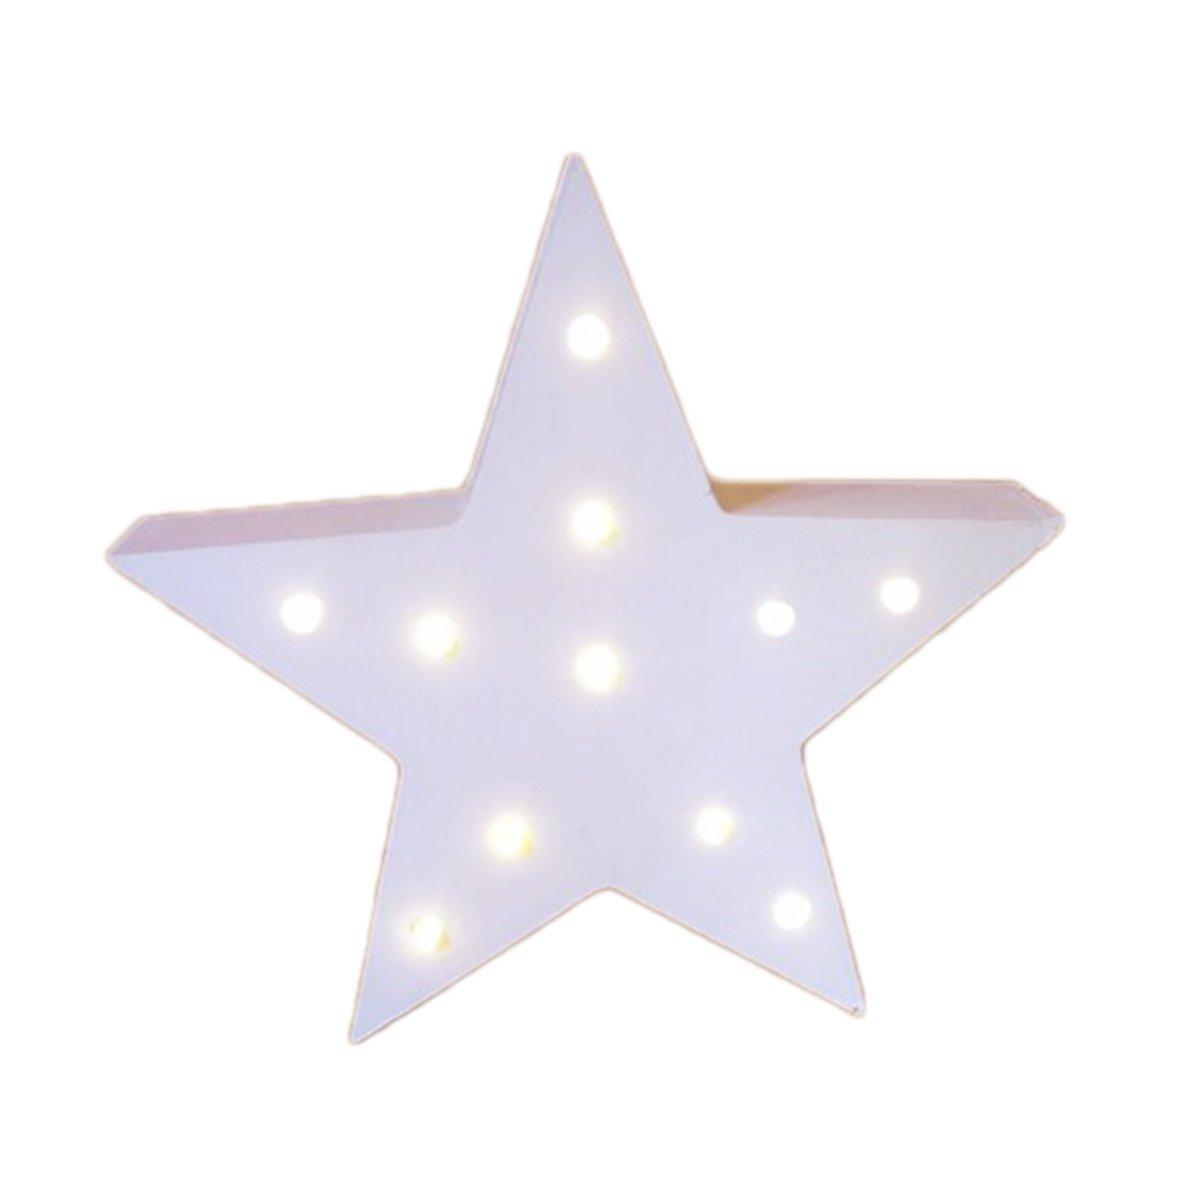 dinowin Decorative Light Up木製アルファベット文字、電池式LED文字ライトサインパーティーウェディング装飾アルファベット-ホワイト ホワイト B072BPHYNC スター